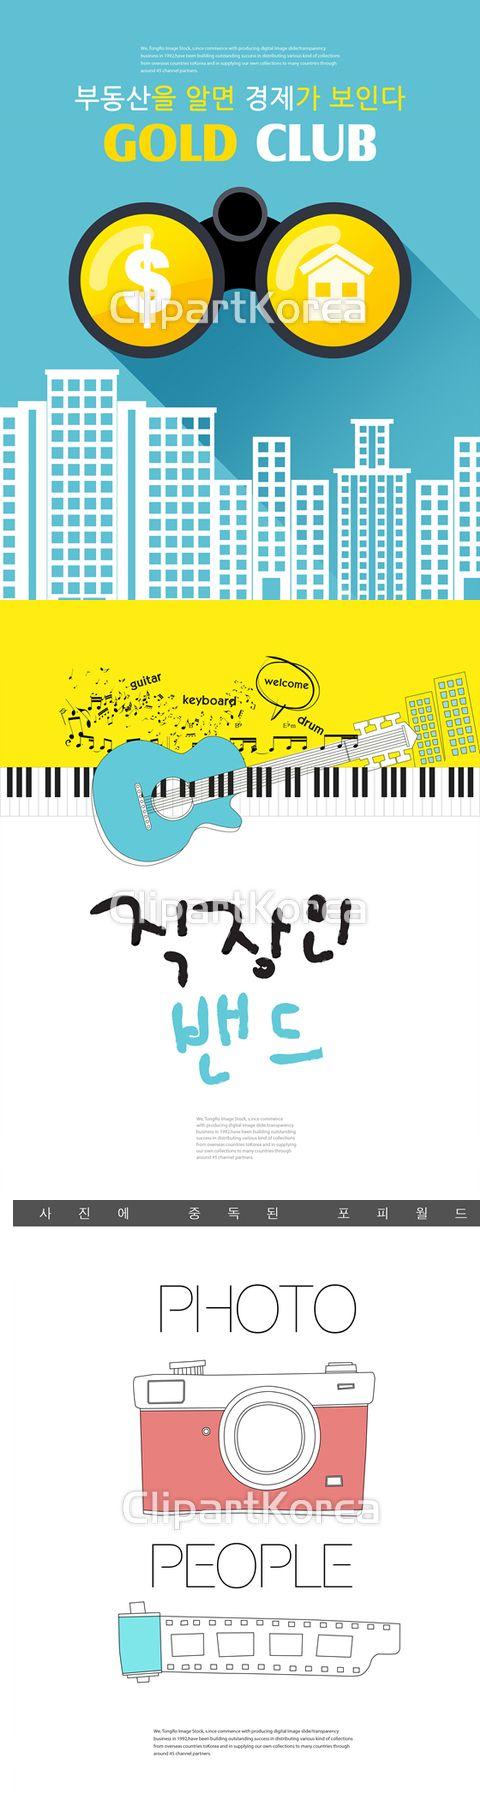 다양한 포스터 이미지 입니다. :)  #클립아트코리아 #이미지투데이 #통로이미지 #백그라운드  #빌딩  #손글씨  #악기  #여백  #옐로우  #음표  #일러스트  #포스터 #음악 #밴드  #경제  #주택  #컬러풀  #카메라  #필름  #마케팅 #홍보 #clipartkorea #imagetoday #tongroimages  #Building #handwriting #notes #yellow #background #illustration #poster #music #band #instruments #economy #housing #colorful #camera #film #marketing #Poster #Promotion